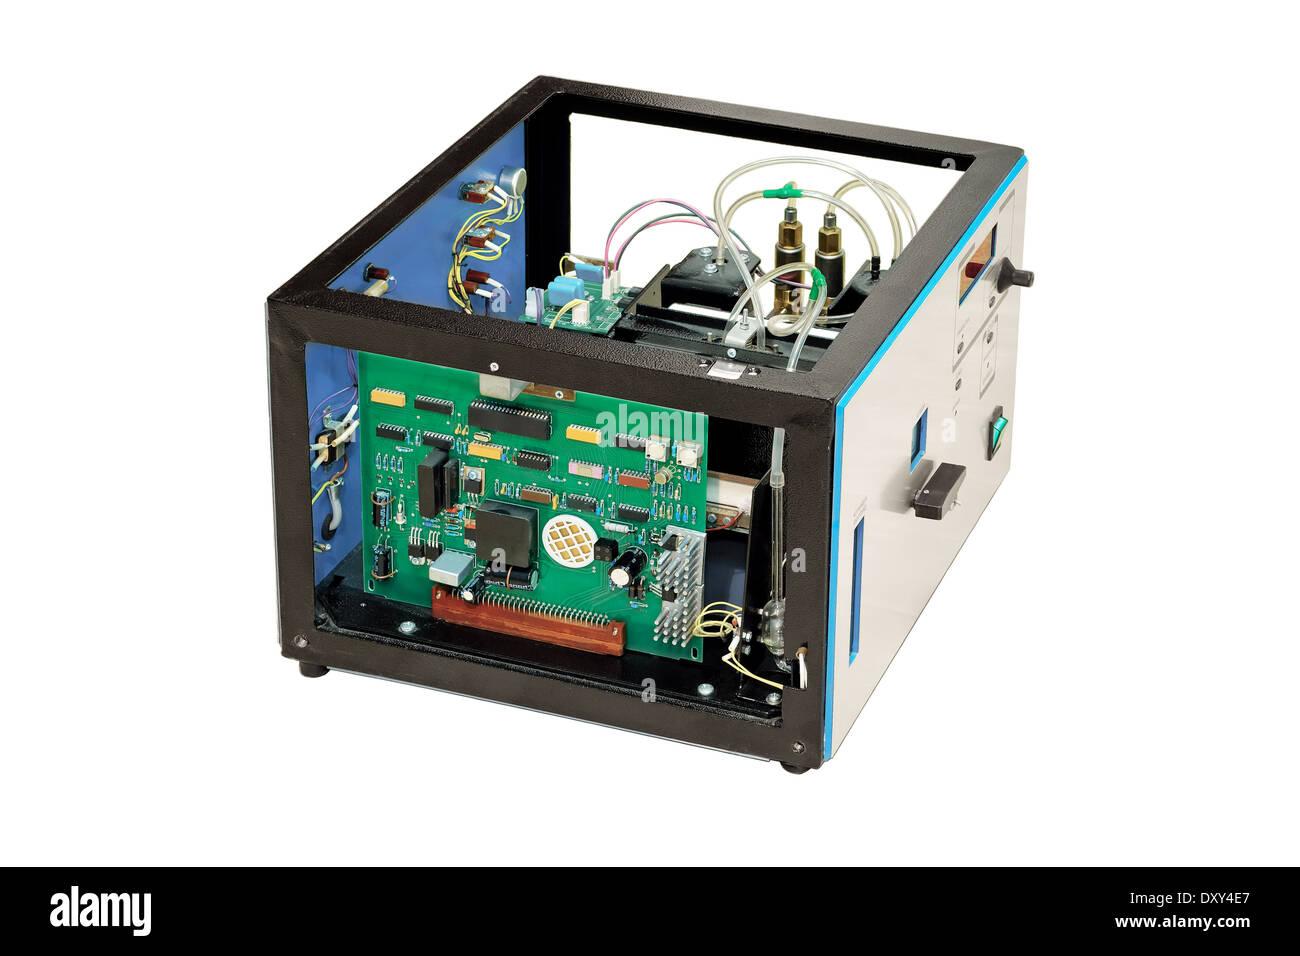 Autonome, d'appareils, de sélection, les circuits, la complexité, la connexion, le contrôle, l'appareil, démonter, désassembler, réseaux électriques, électroniques Photo Stock